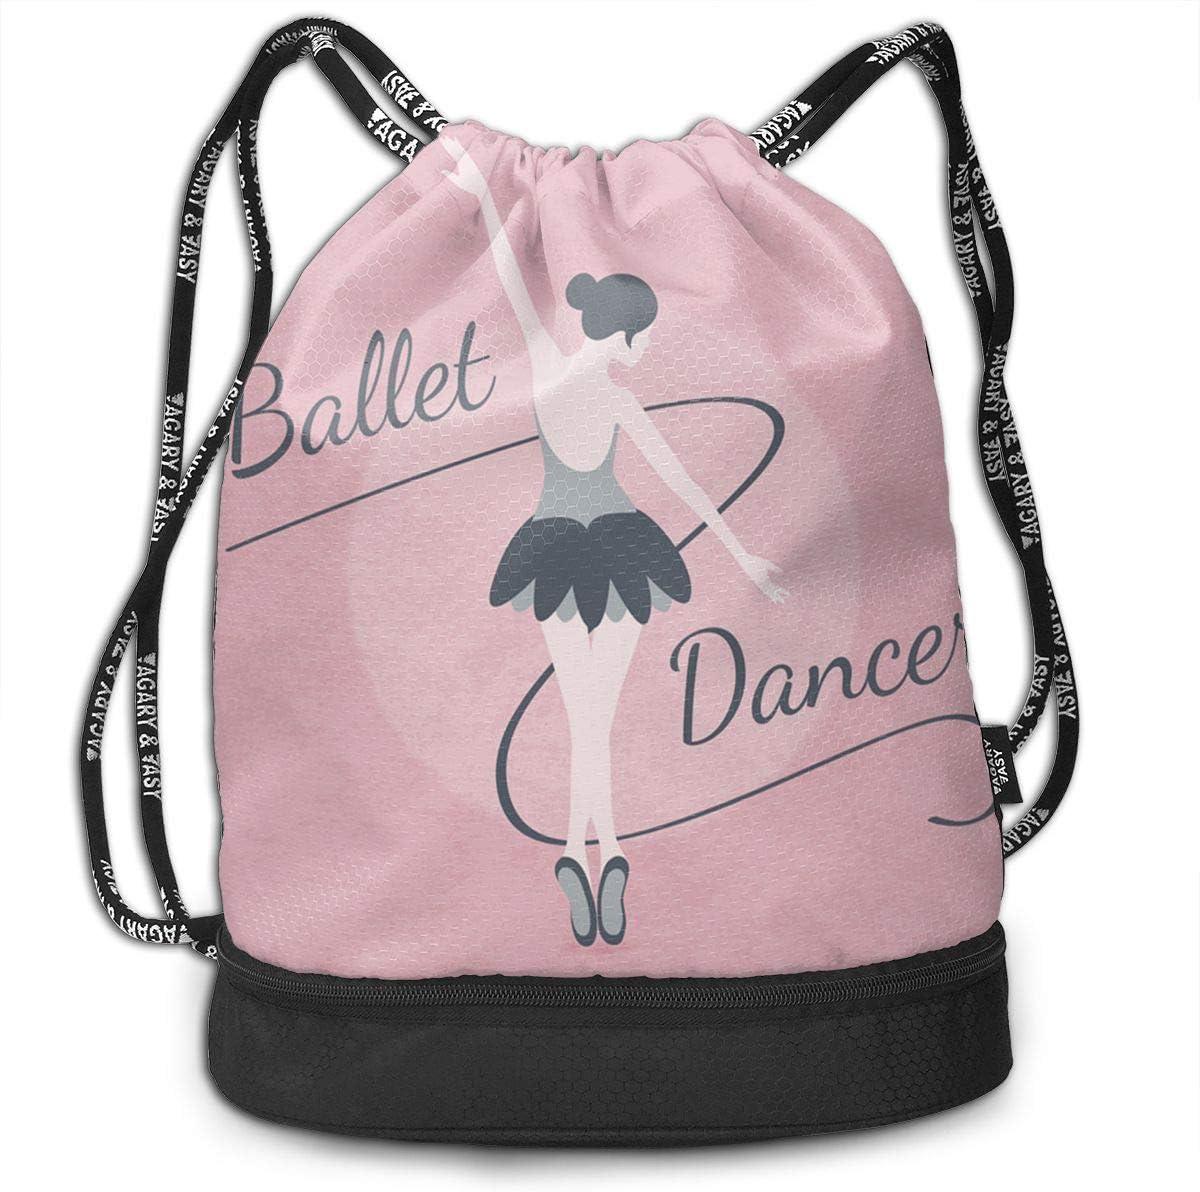 HUOPR5Q Girl Receives Pink Roses Drawstring Backpack Sport Gym Sack Shoulder Bulk Bag Dance Bag for School Travel